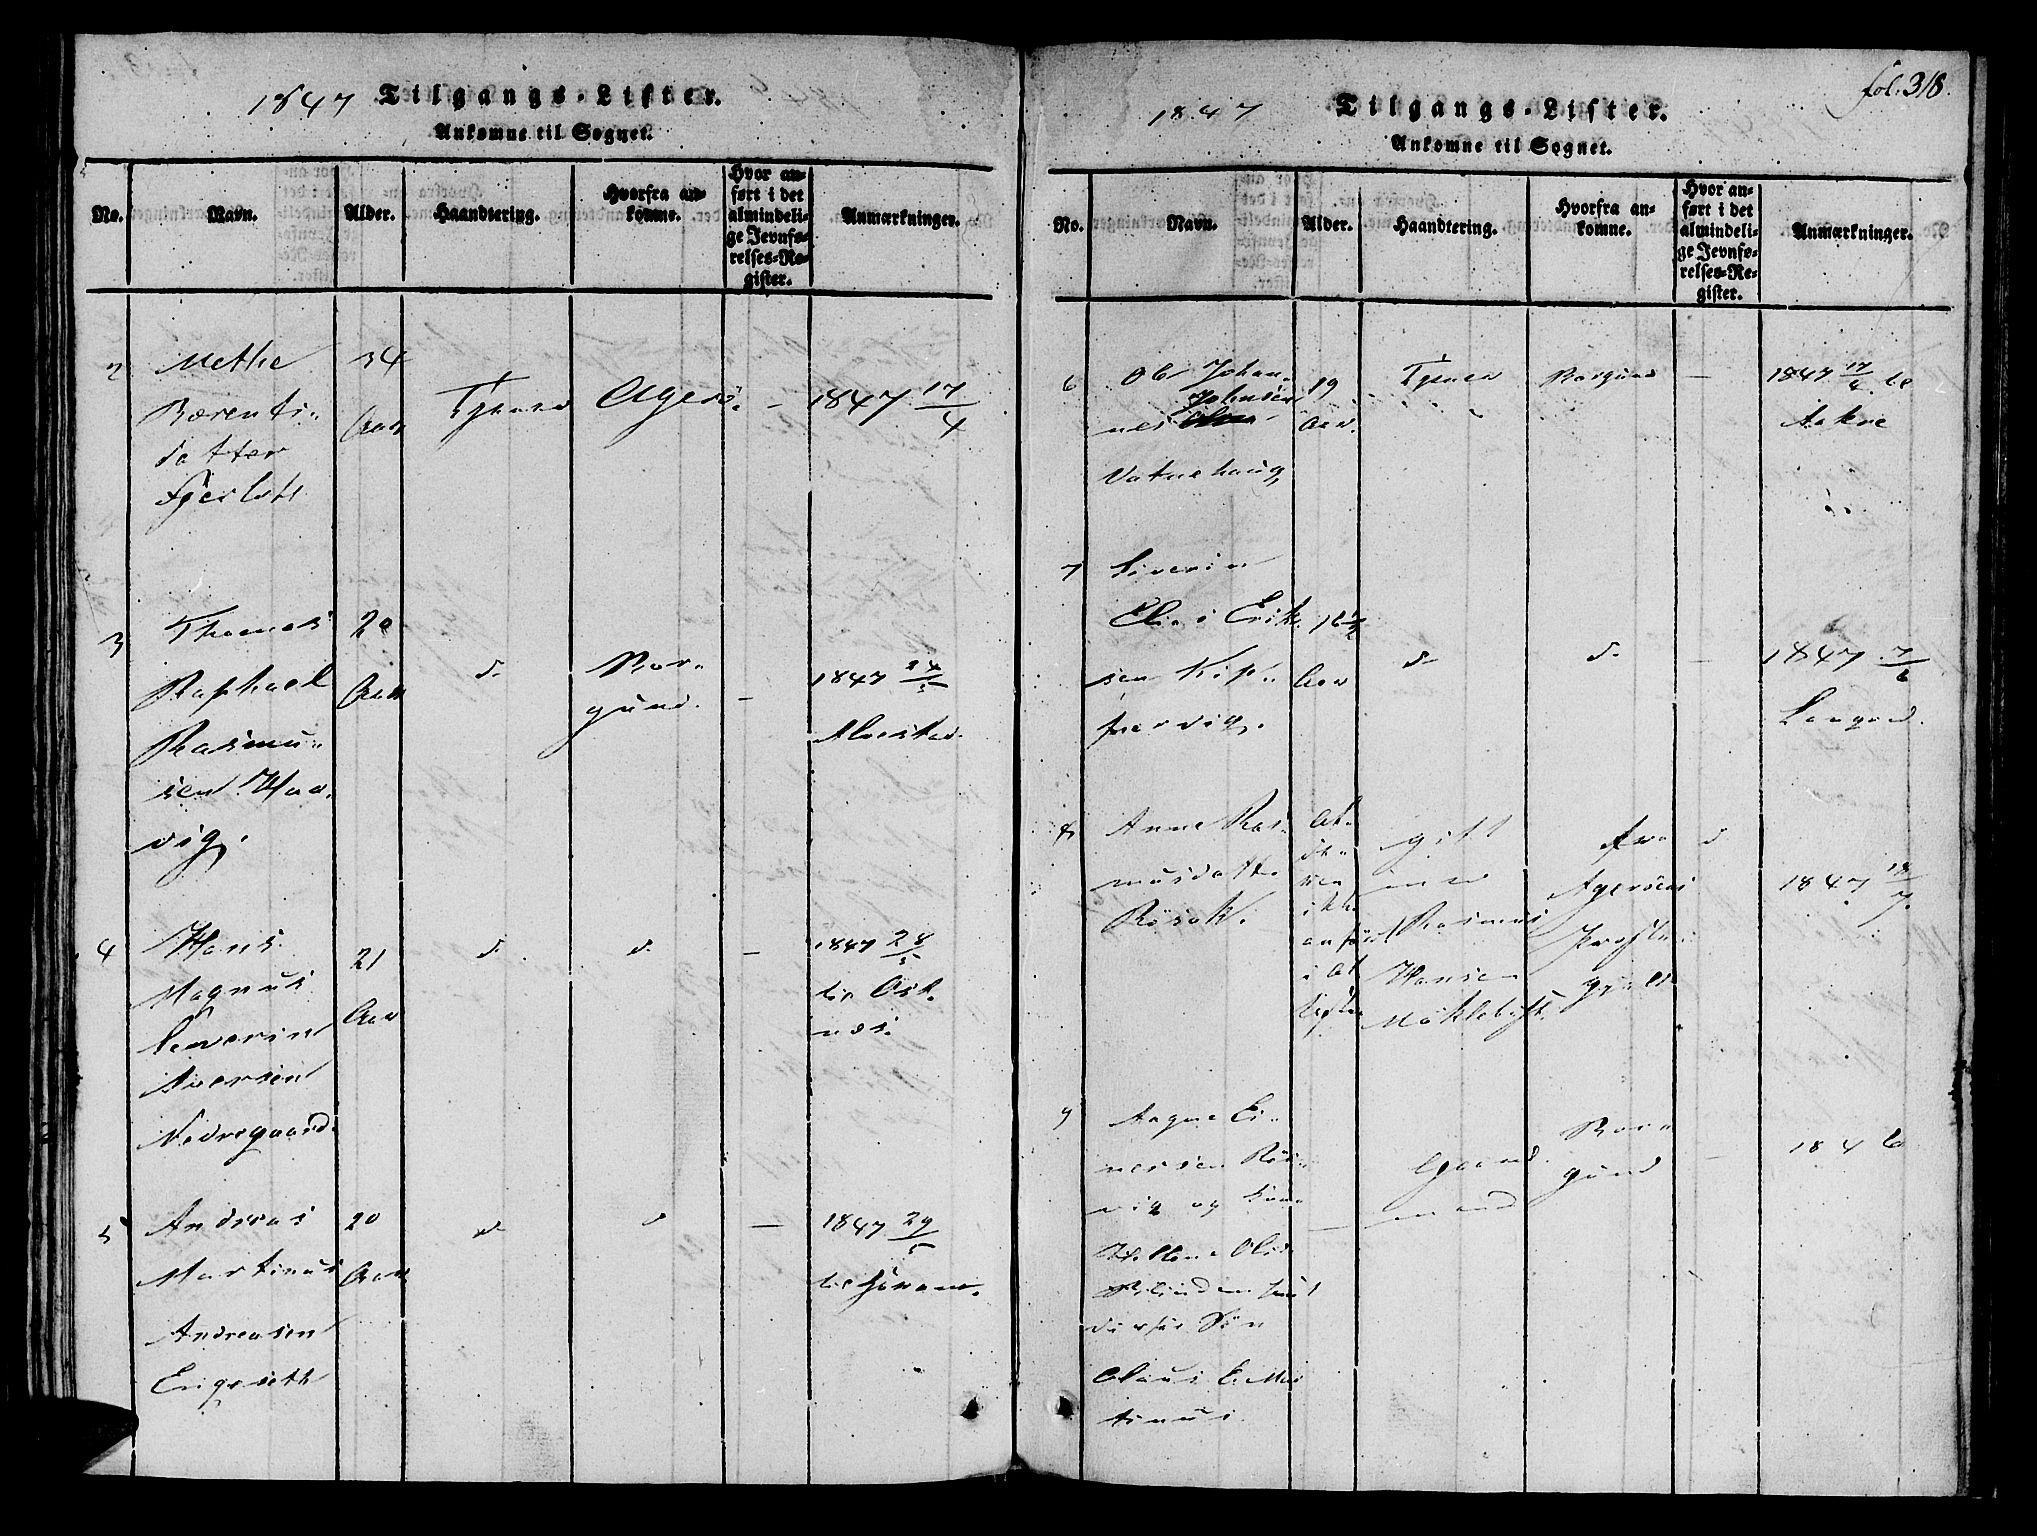 SAT, Ministerialprotokoller, klokkerbøker og fødselsregistre - Møre og Romsdal, 536/L0495: Ministerialbok nr. 536A04, 1818-1847, s. 318